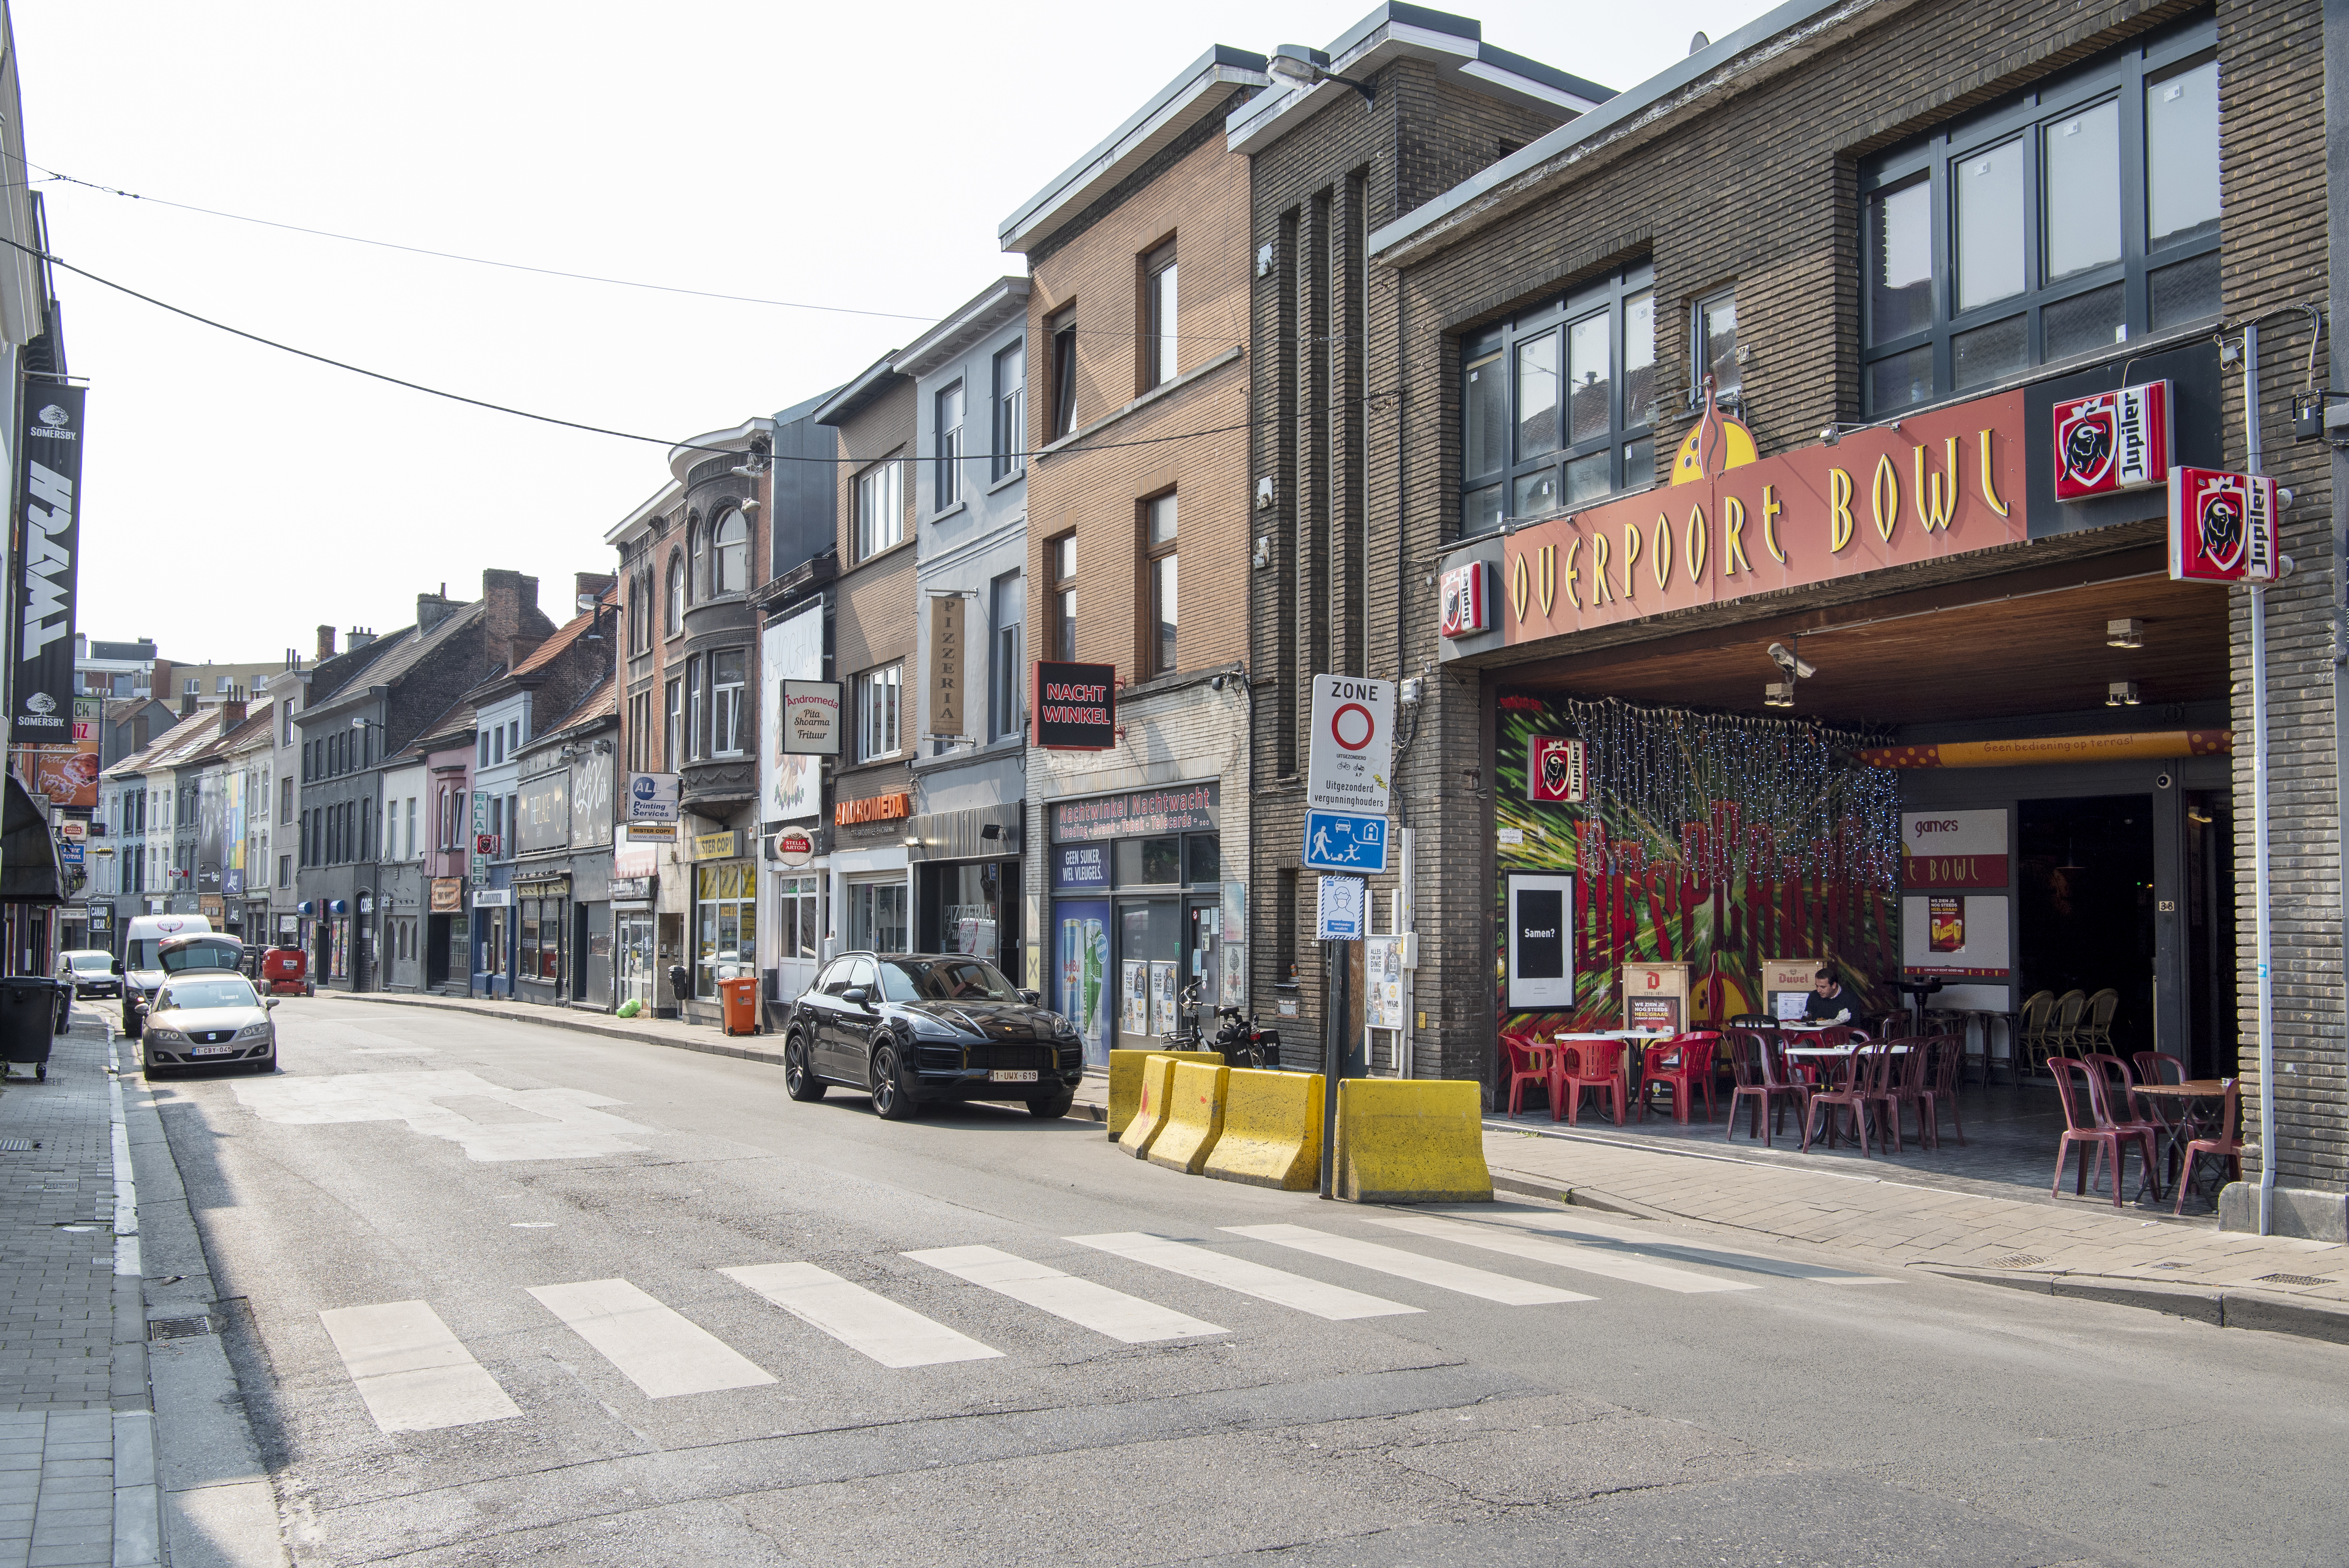 Overpoortstraat.jpg